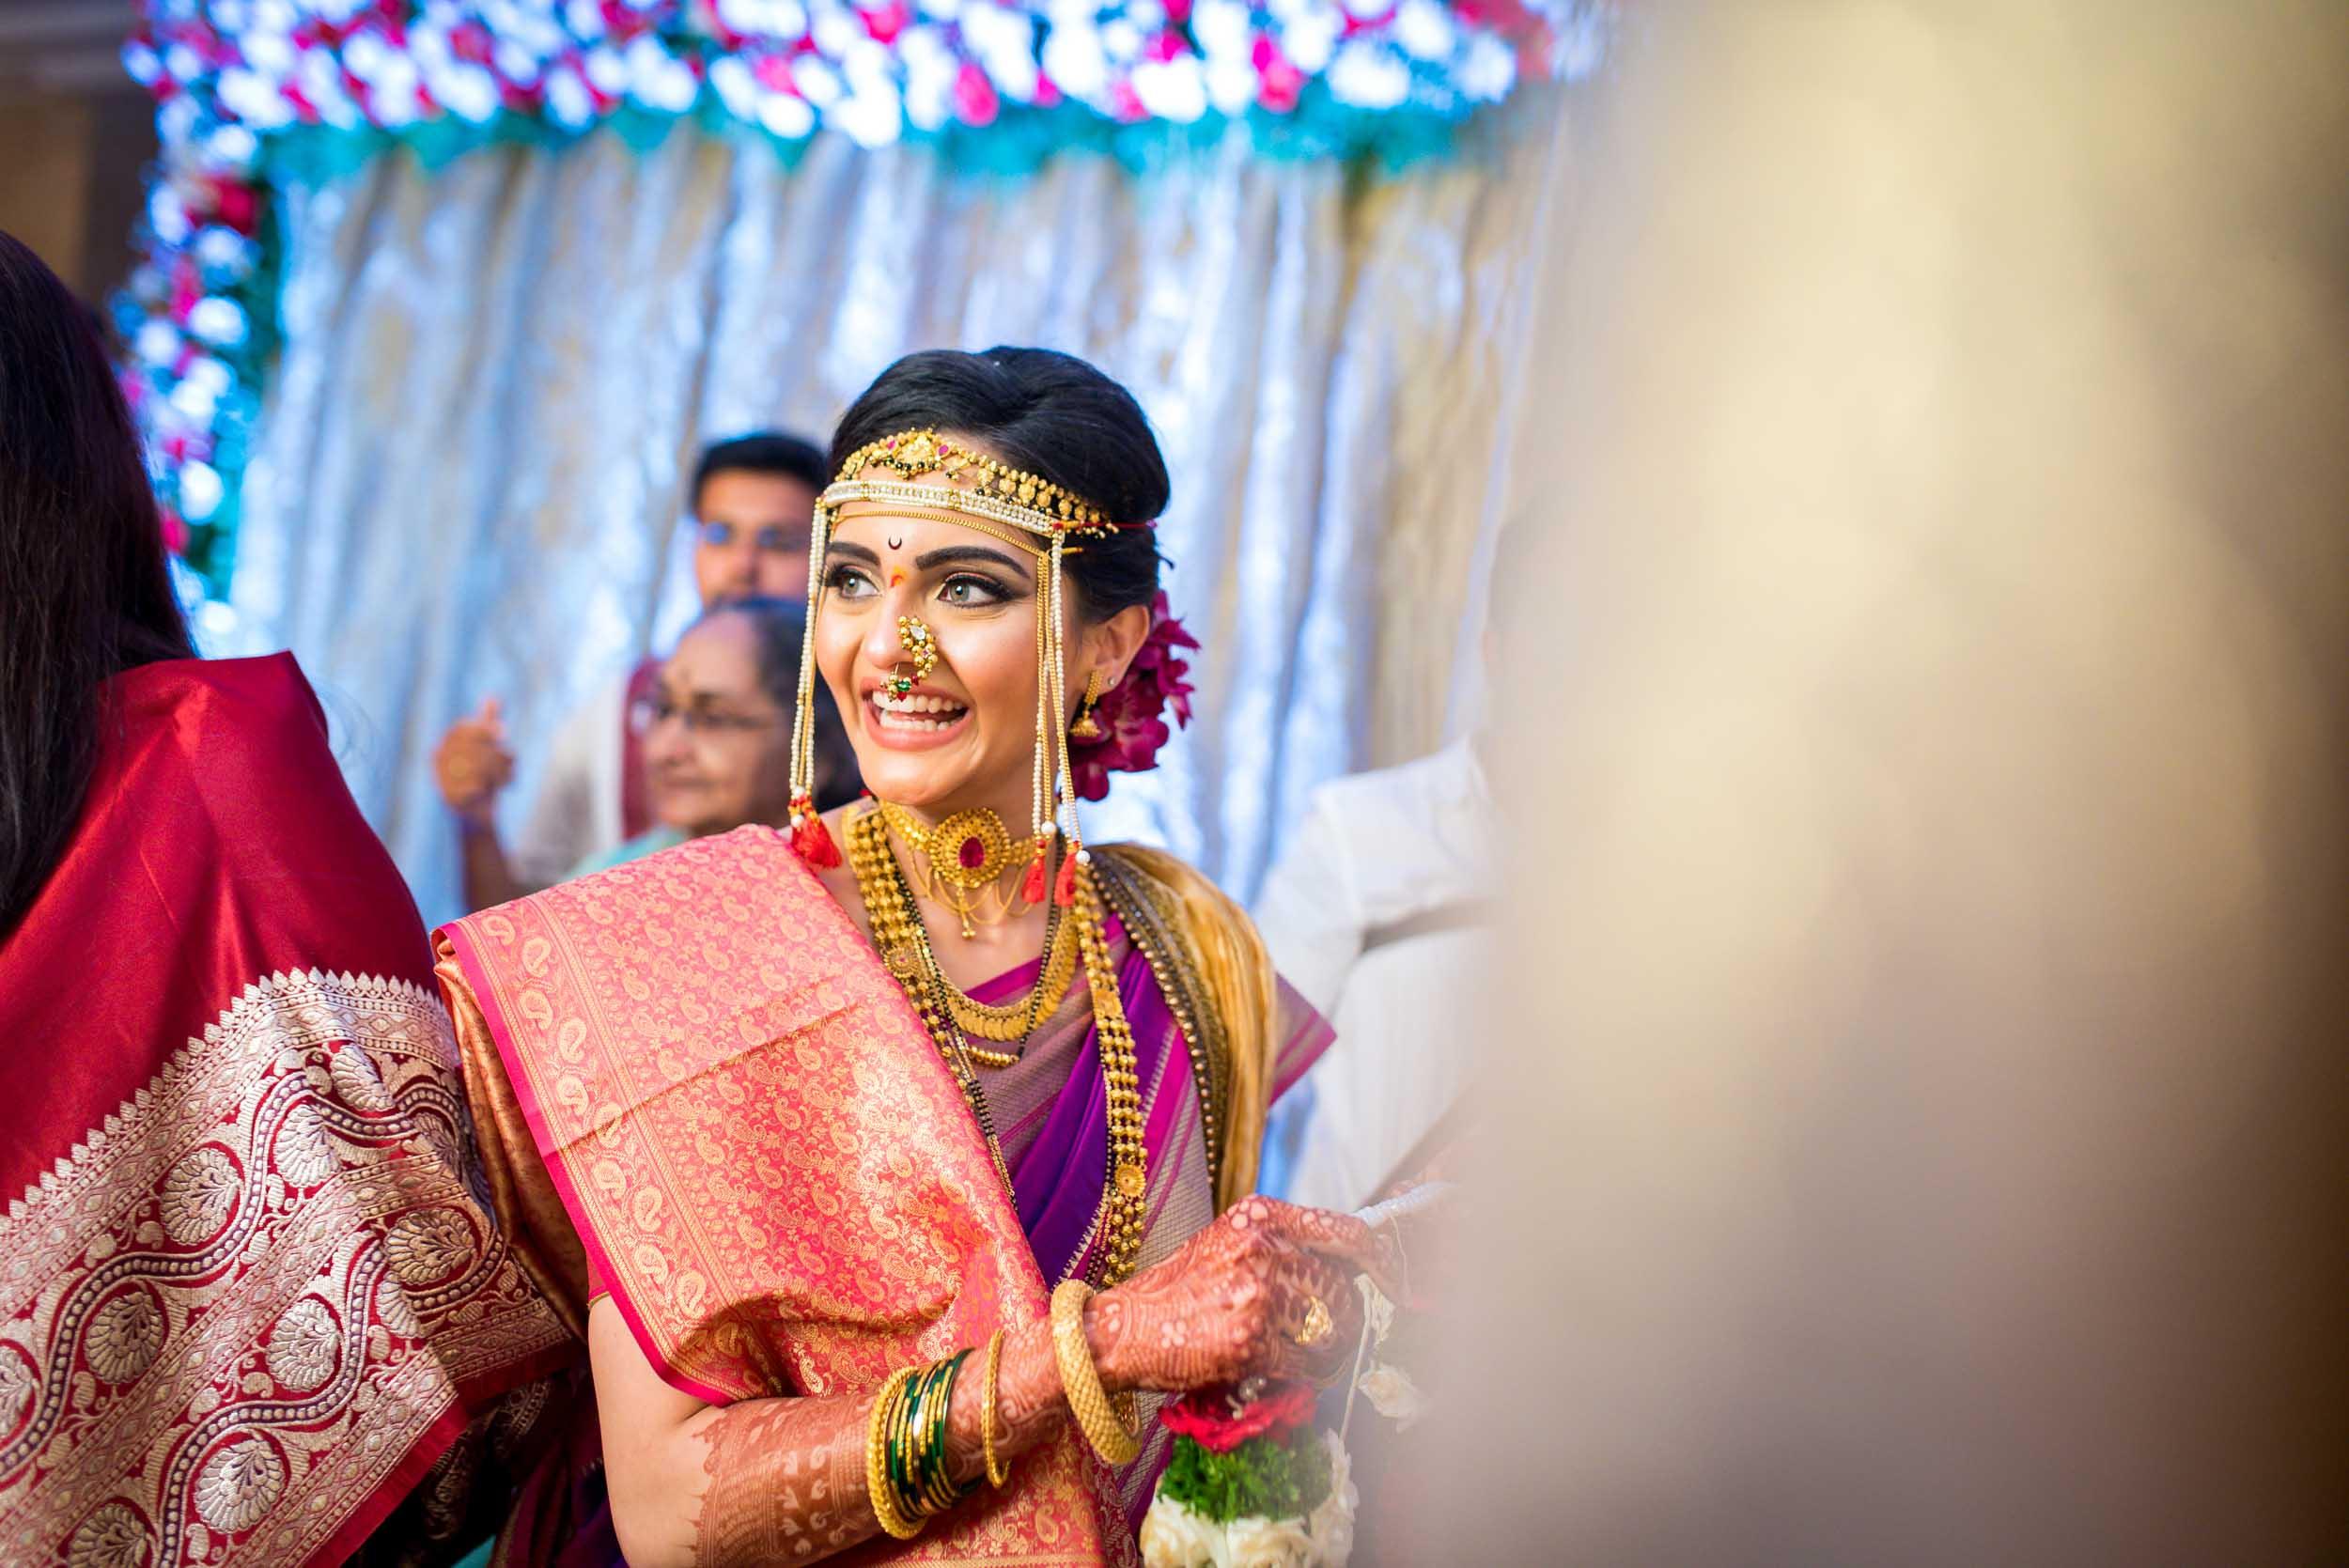 mumbai-pune-wedding-66.jpg